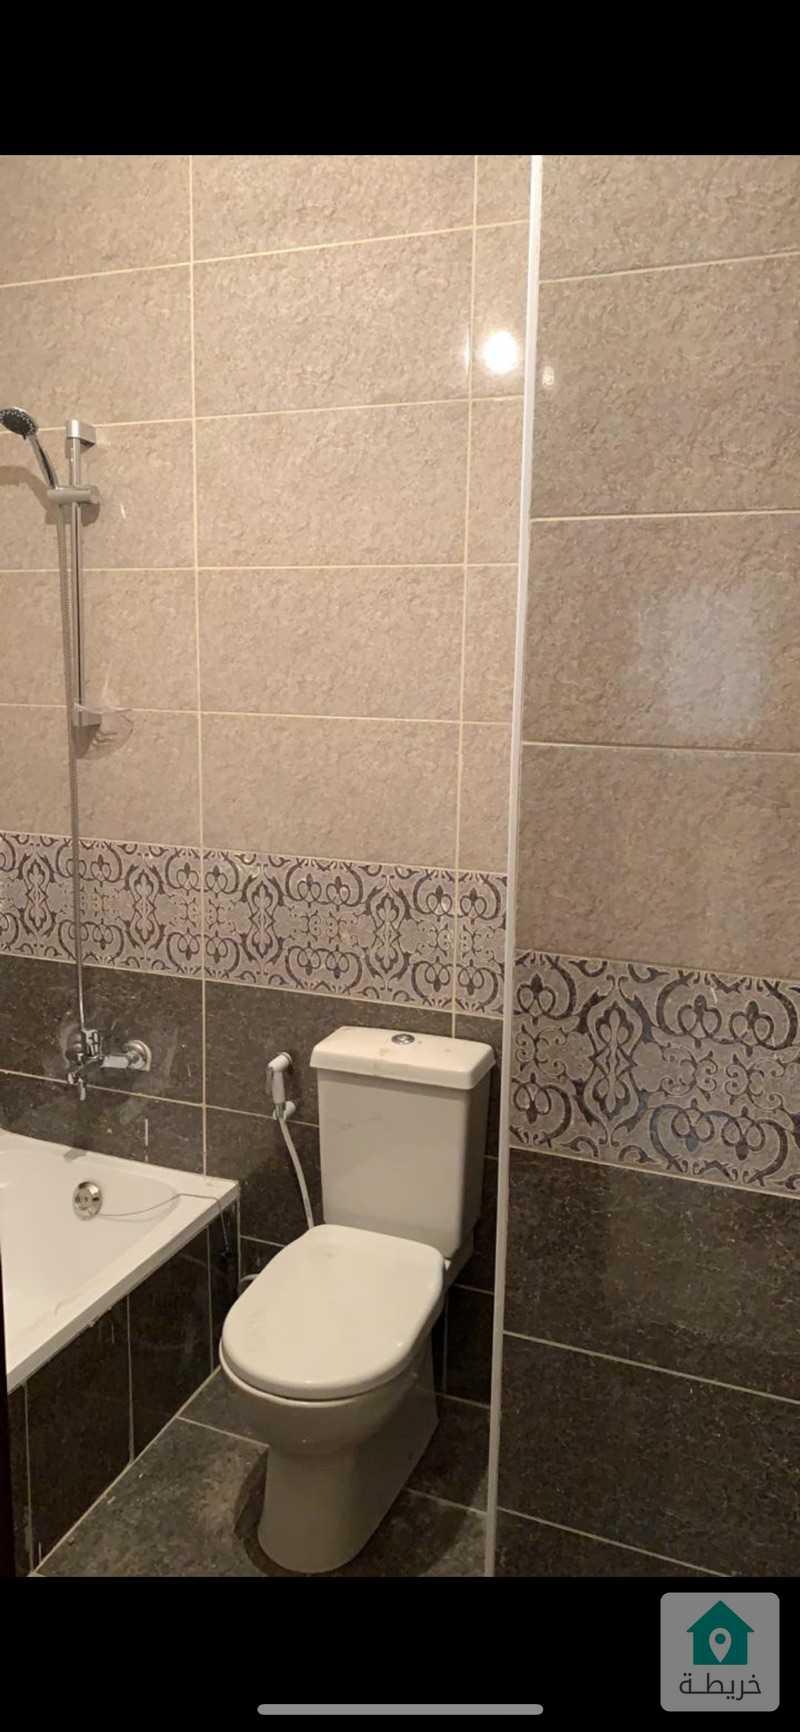 شقة جديدة للبيع في ضاحية الاقصى عند اشارة مستشفى حمزة